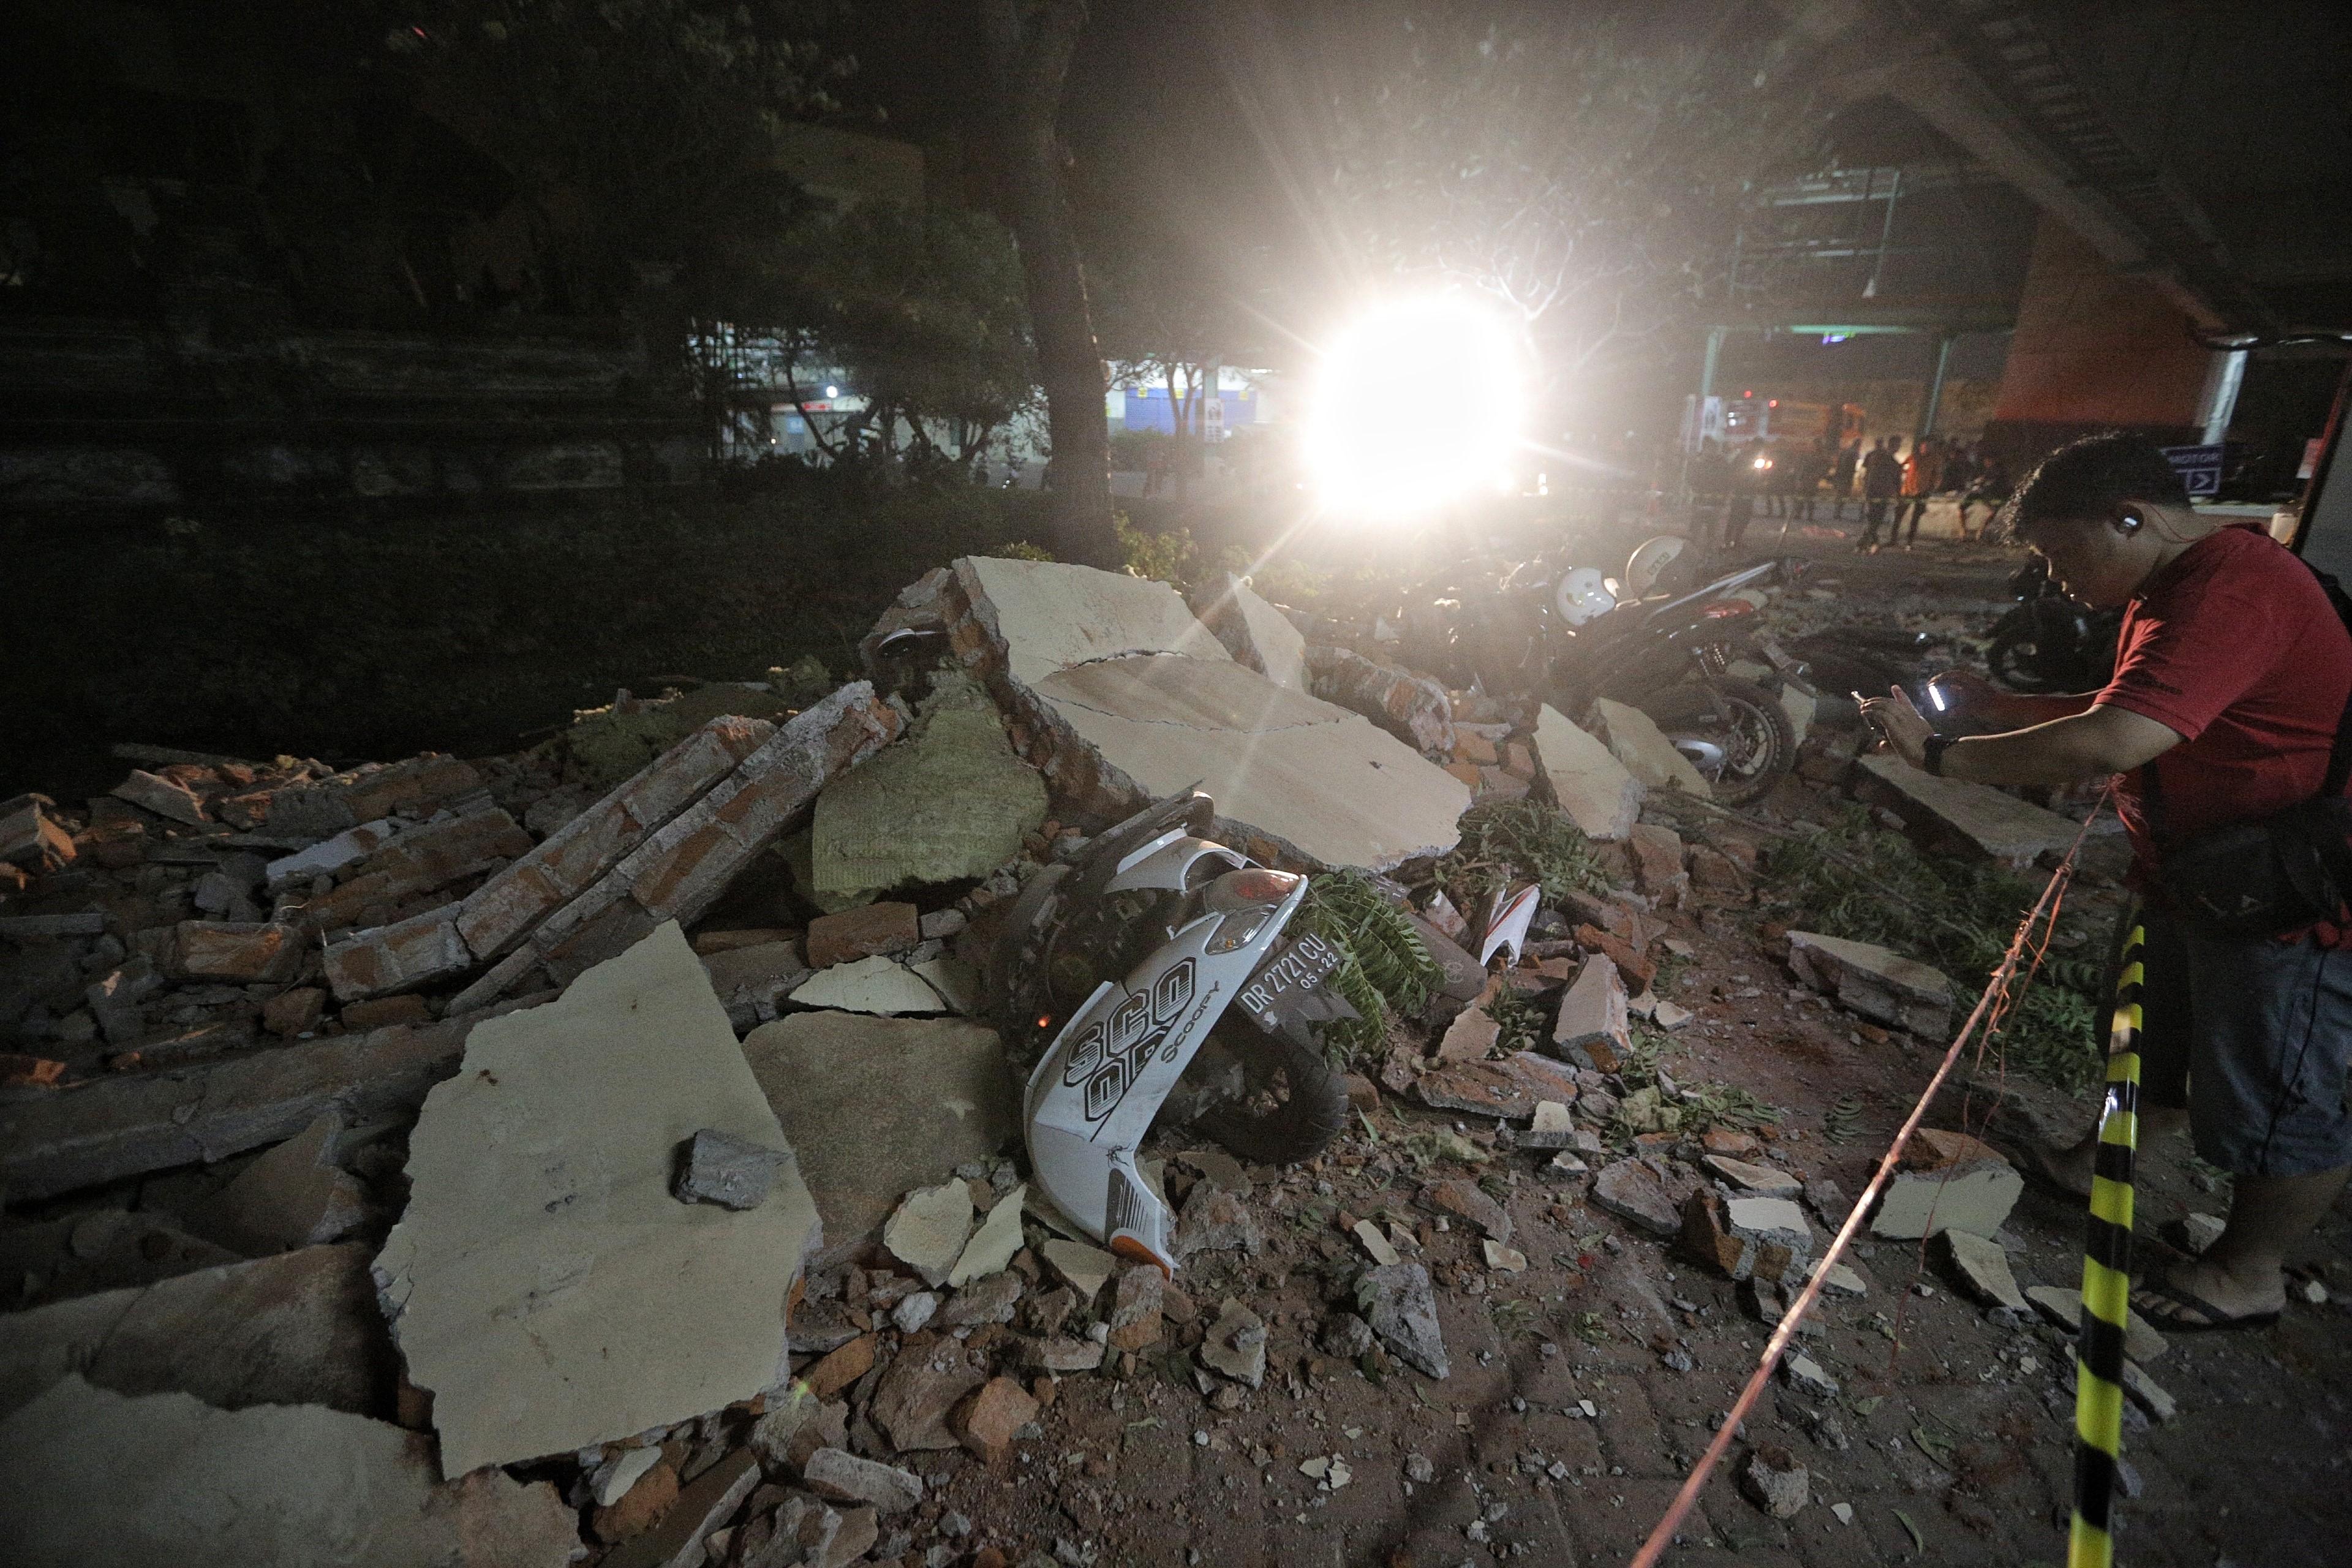 Földrengés az indonéziai turistaparadicsomban, legalább 142-en meghaltak